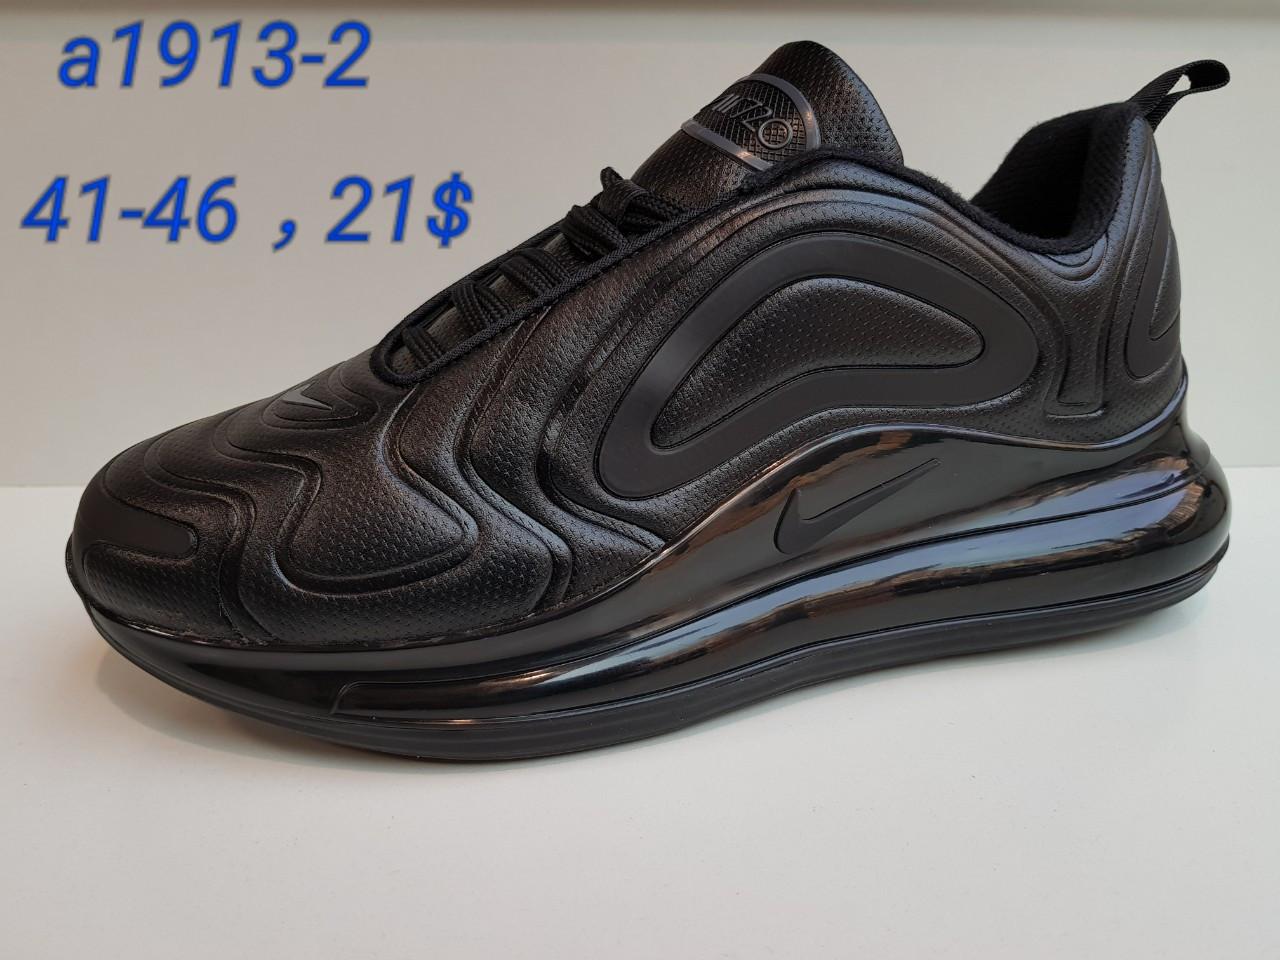 Мужские кроссовки Nike Air 720 оптом (41-46)